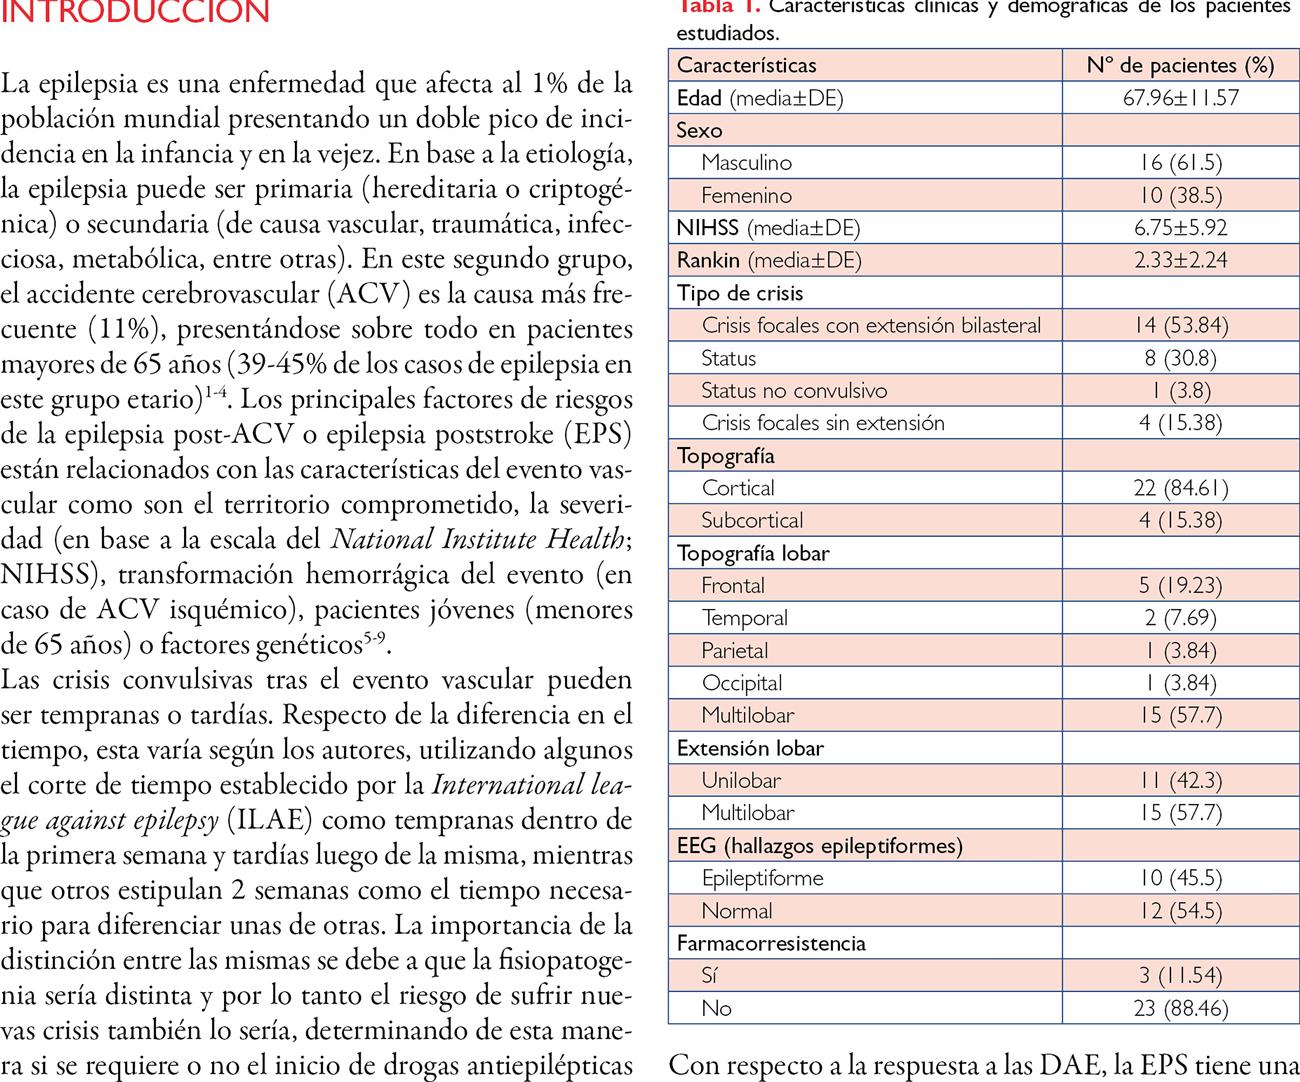 Epilepsia post accidente cerebrovascular isquémico: relación entre el evento vascular, la epilepsia y la farmacorresistencia